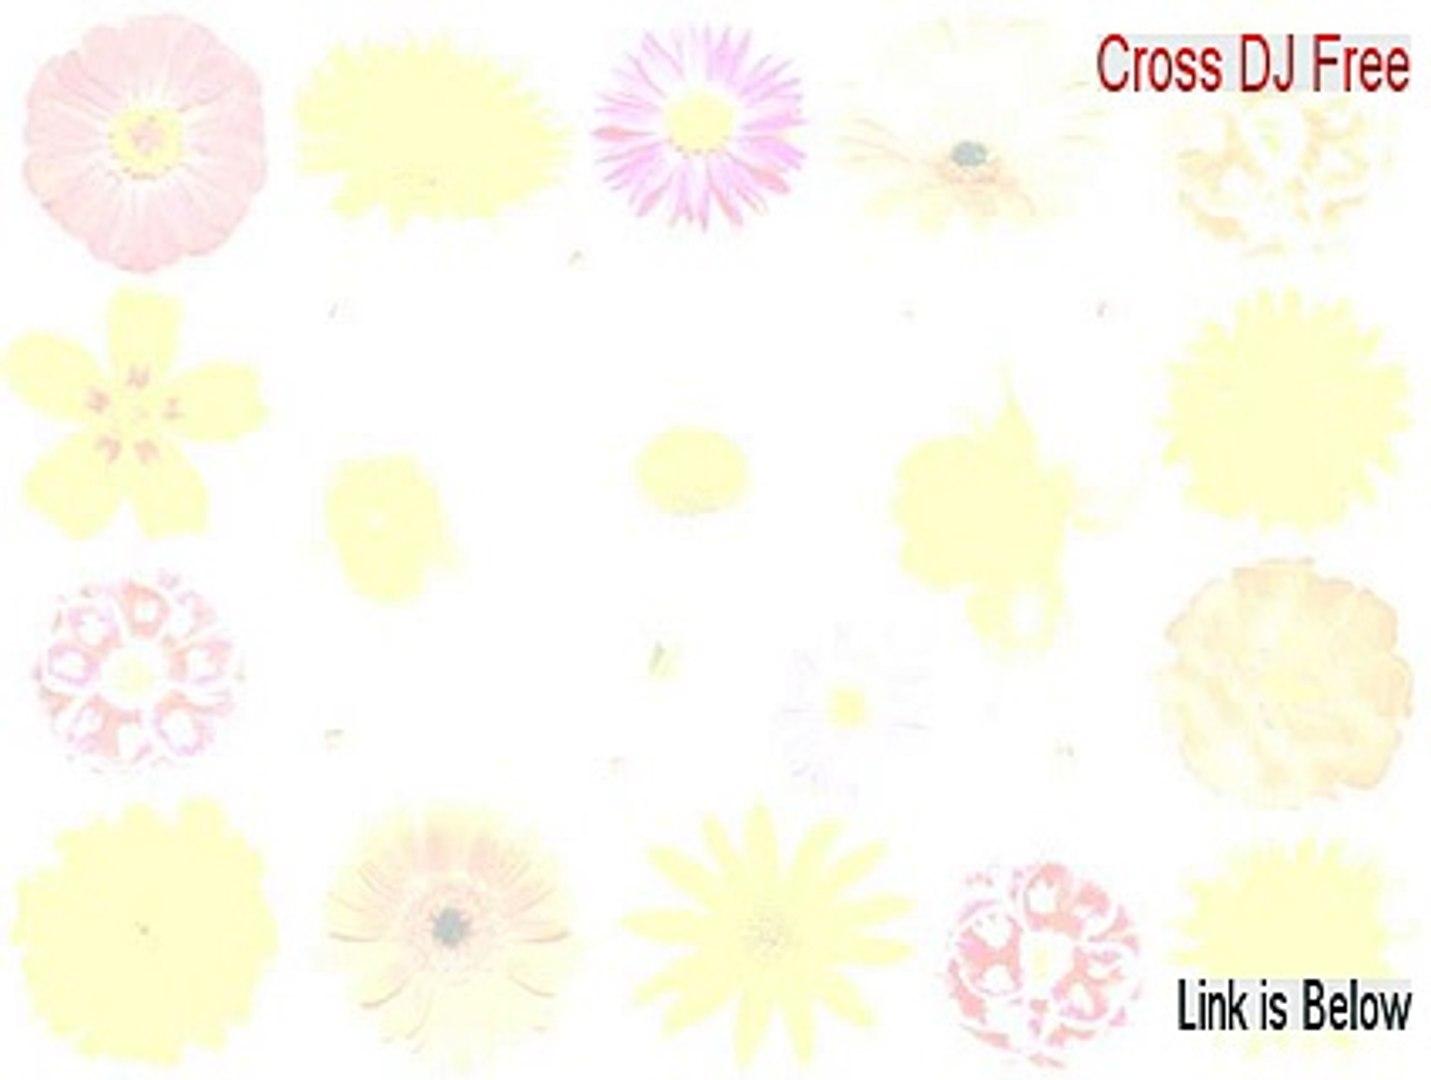 Cross DJ Free Free Download - cross dj free tutorial (2015)